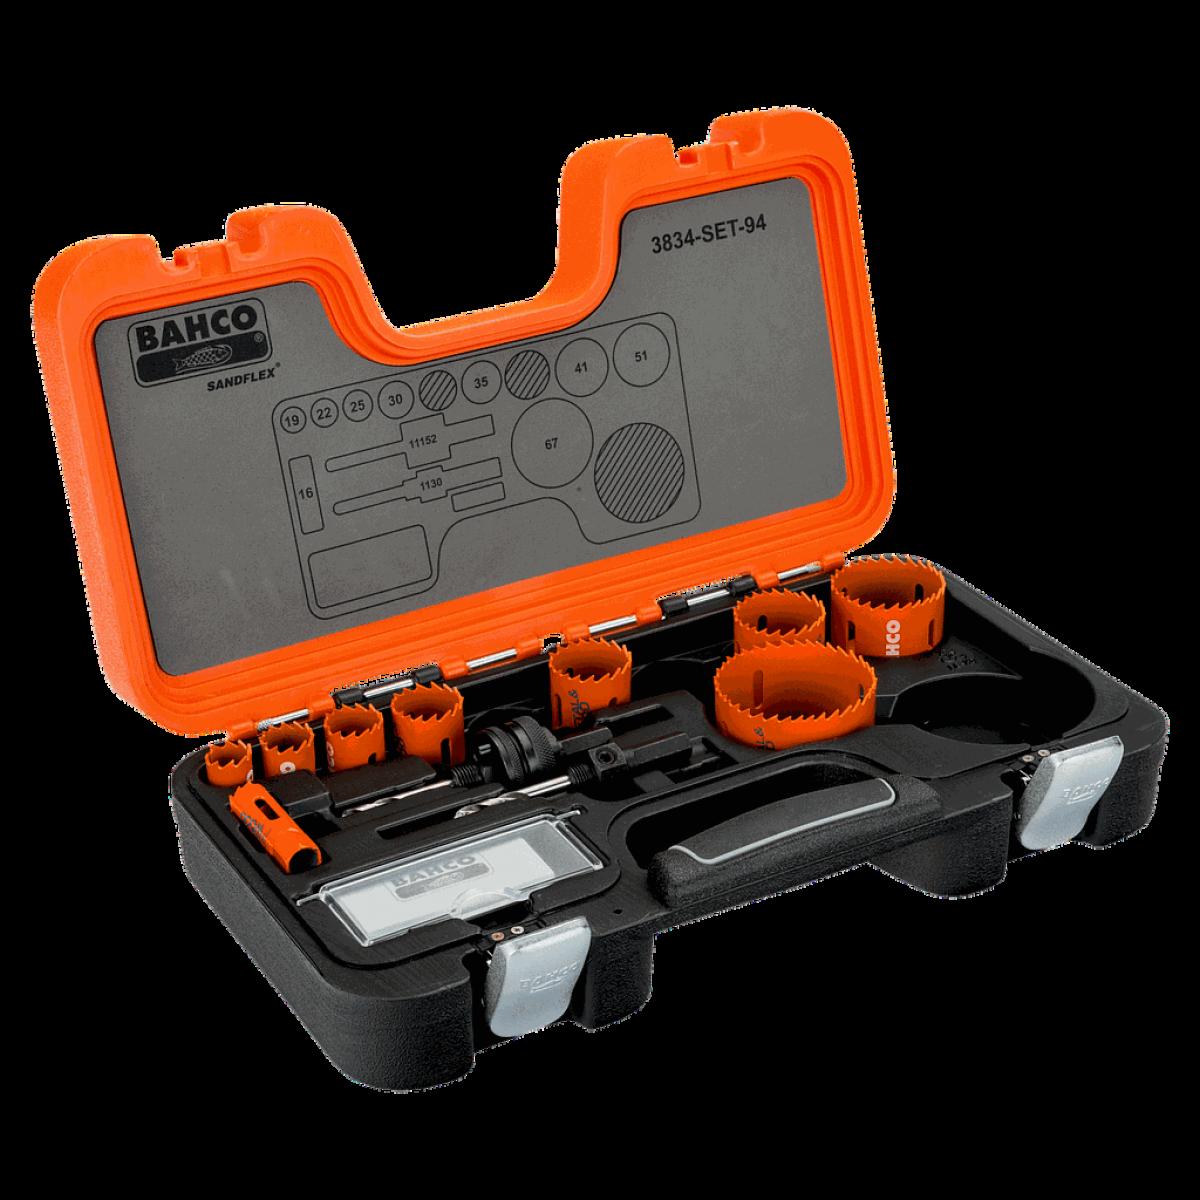 Bahco Bahco - Coffret de scies trépans bimétal Sandflex® 16 à 67 mm, 11 pcs - 3834-SET-94